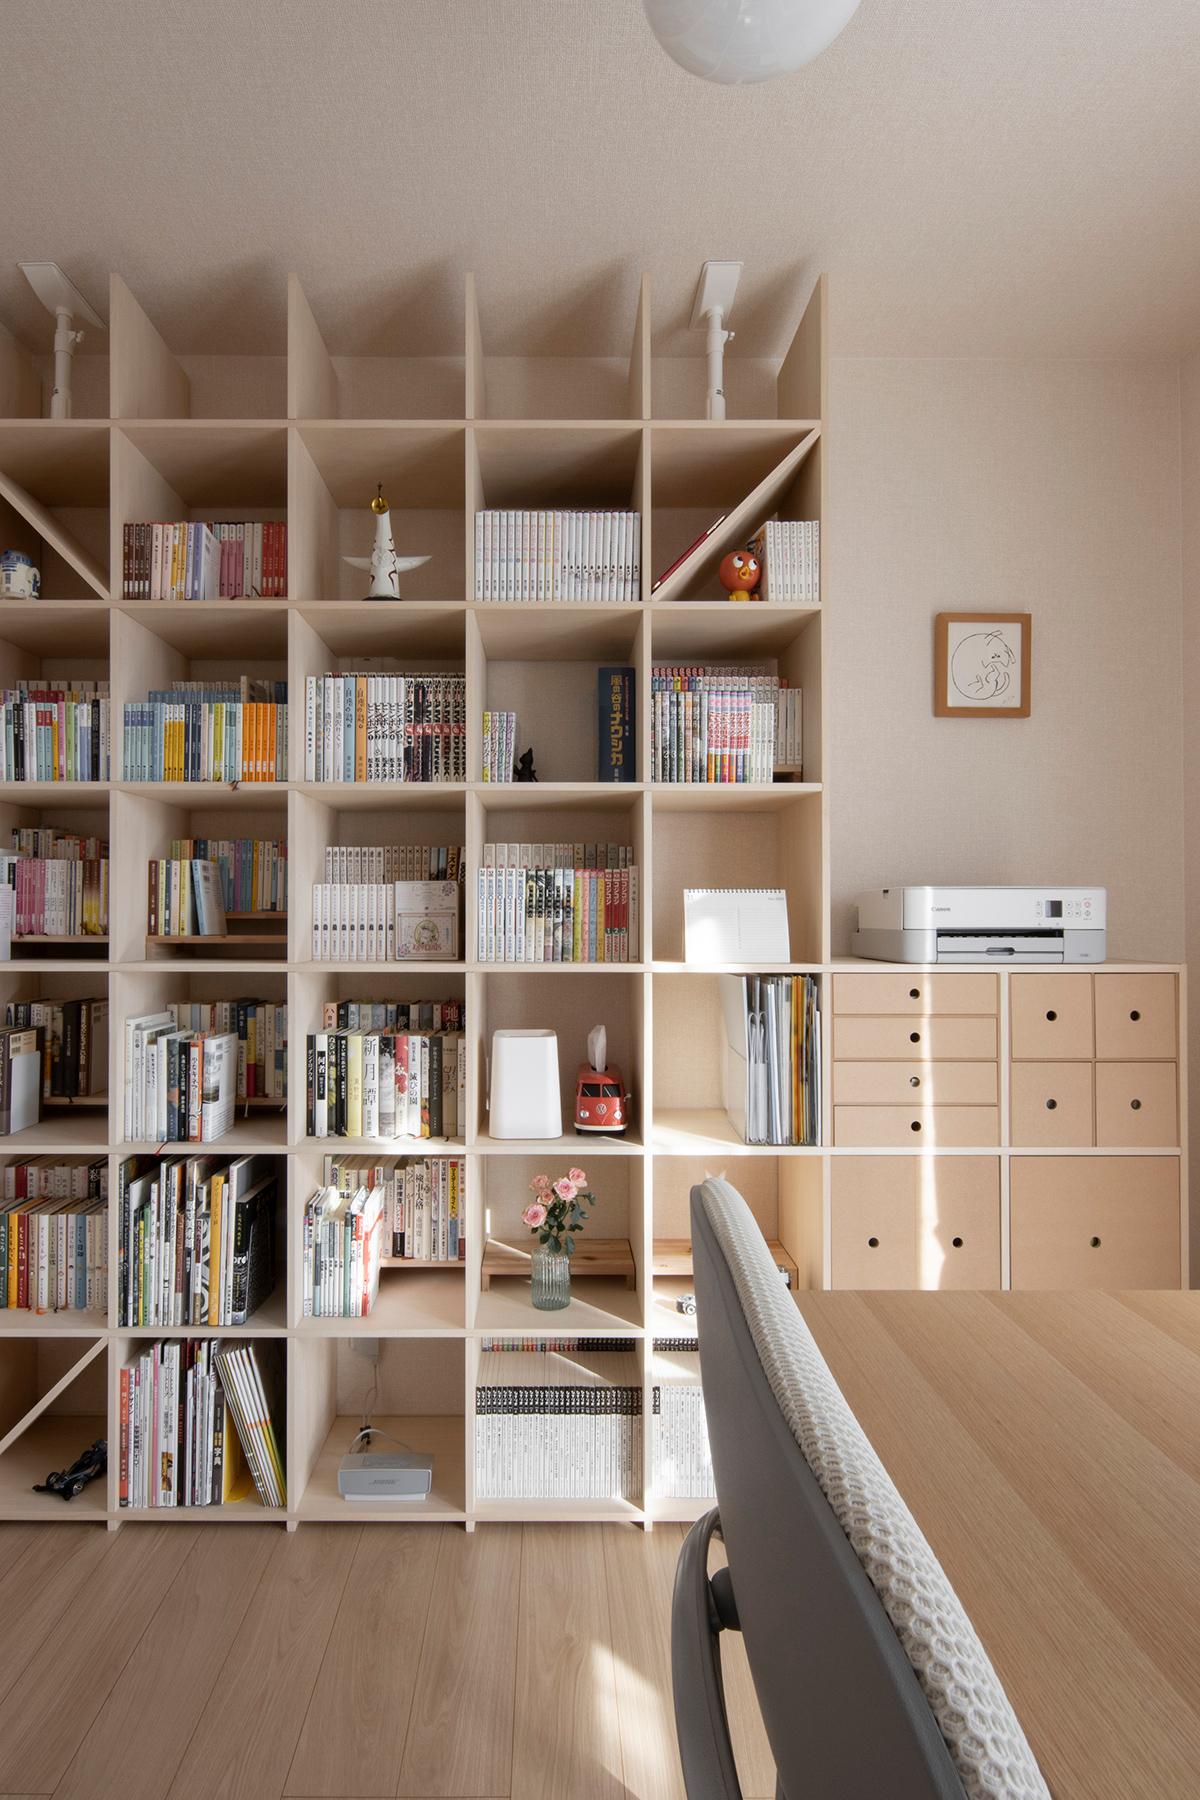 シンプルな仕事部屋の壁面に   壁一面の本棚 奥行350mm / Shelf (No.113)   マルゲリータ使用例